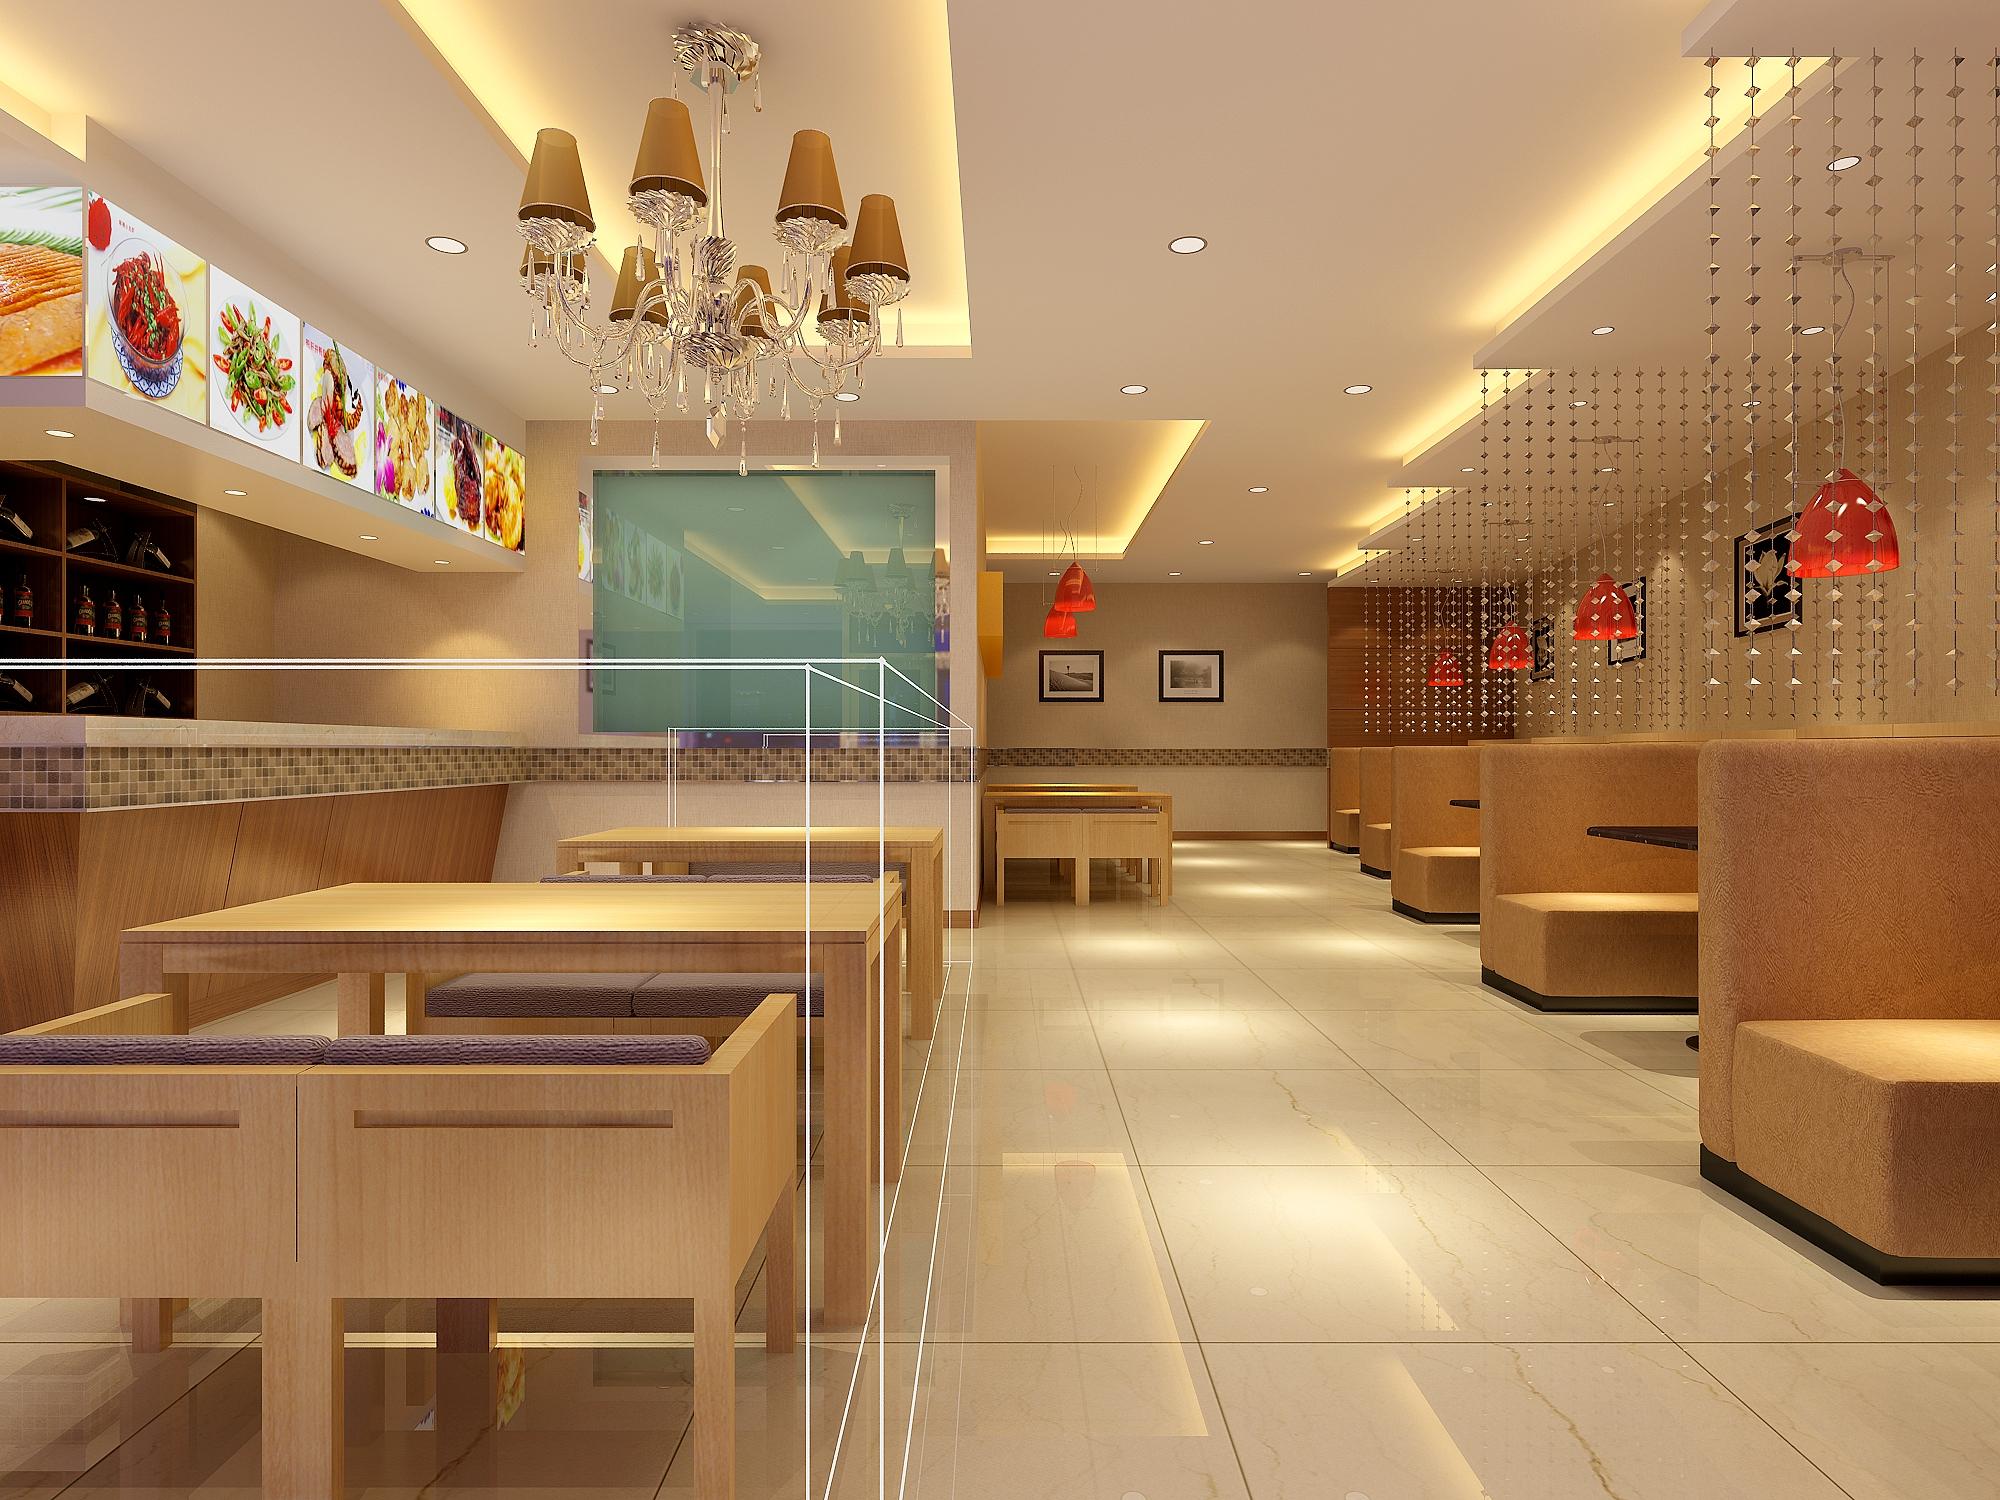 快餐店店面设计效果图-门窗小店面装修效果图图片欣赏下载